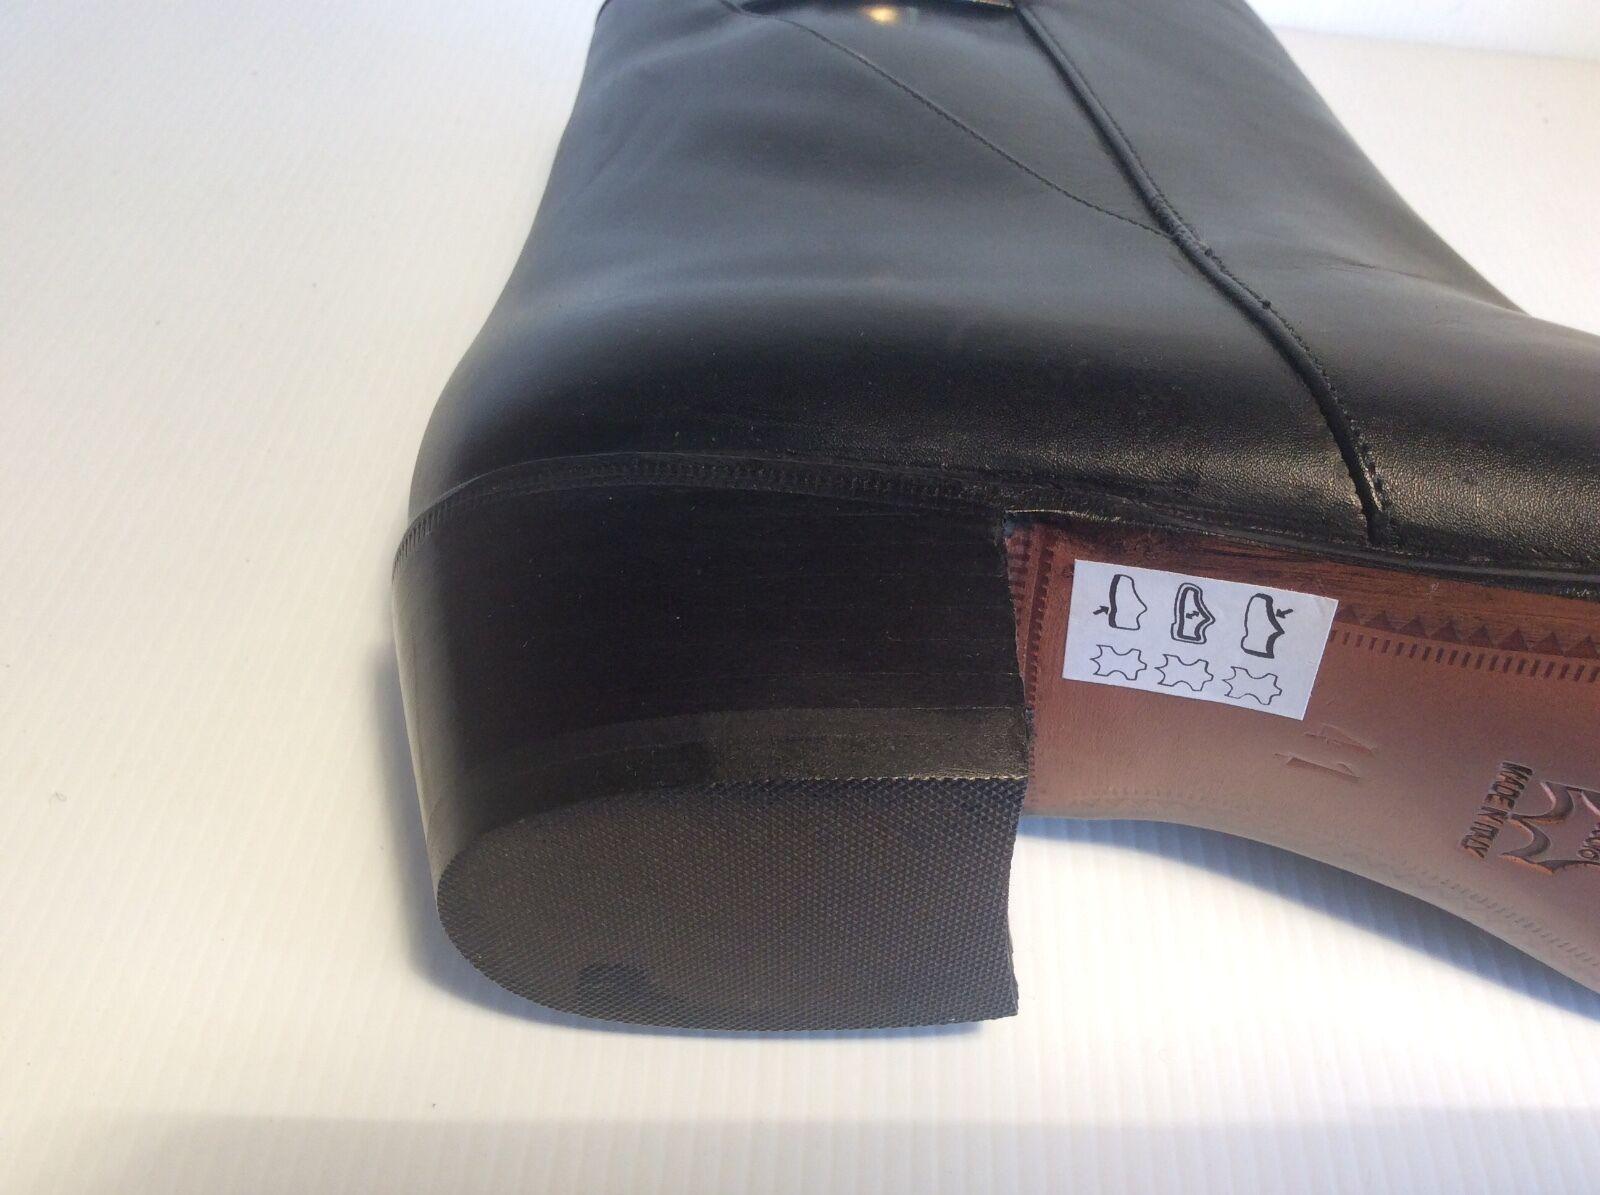 Stiefeletten Herren Herren Herren art 301 VARESE aus Leder Kalbfleisch schwarz Hintergrund 6d1fa9